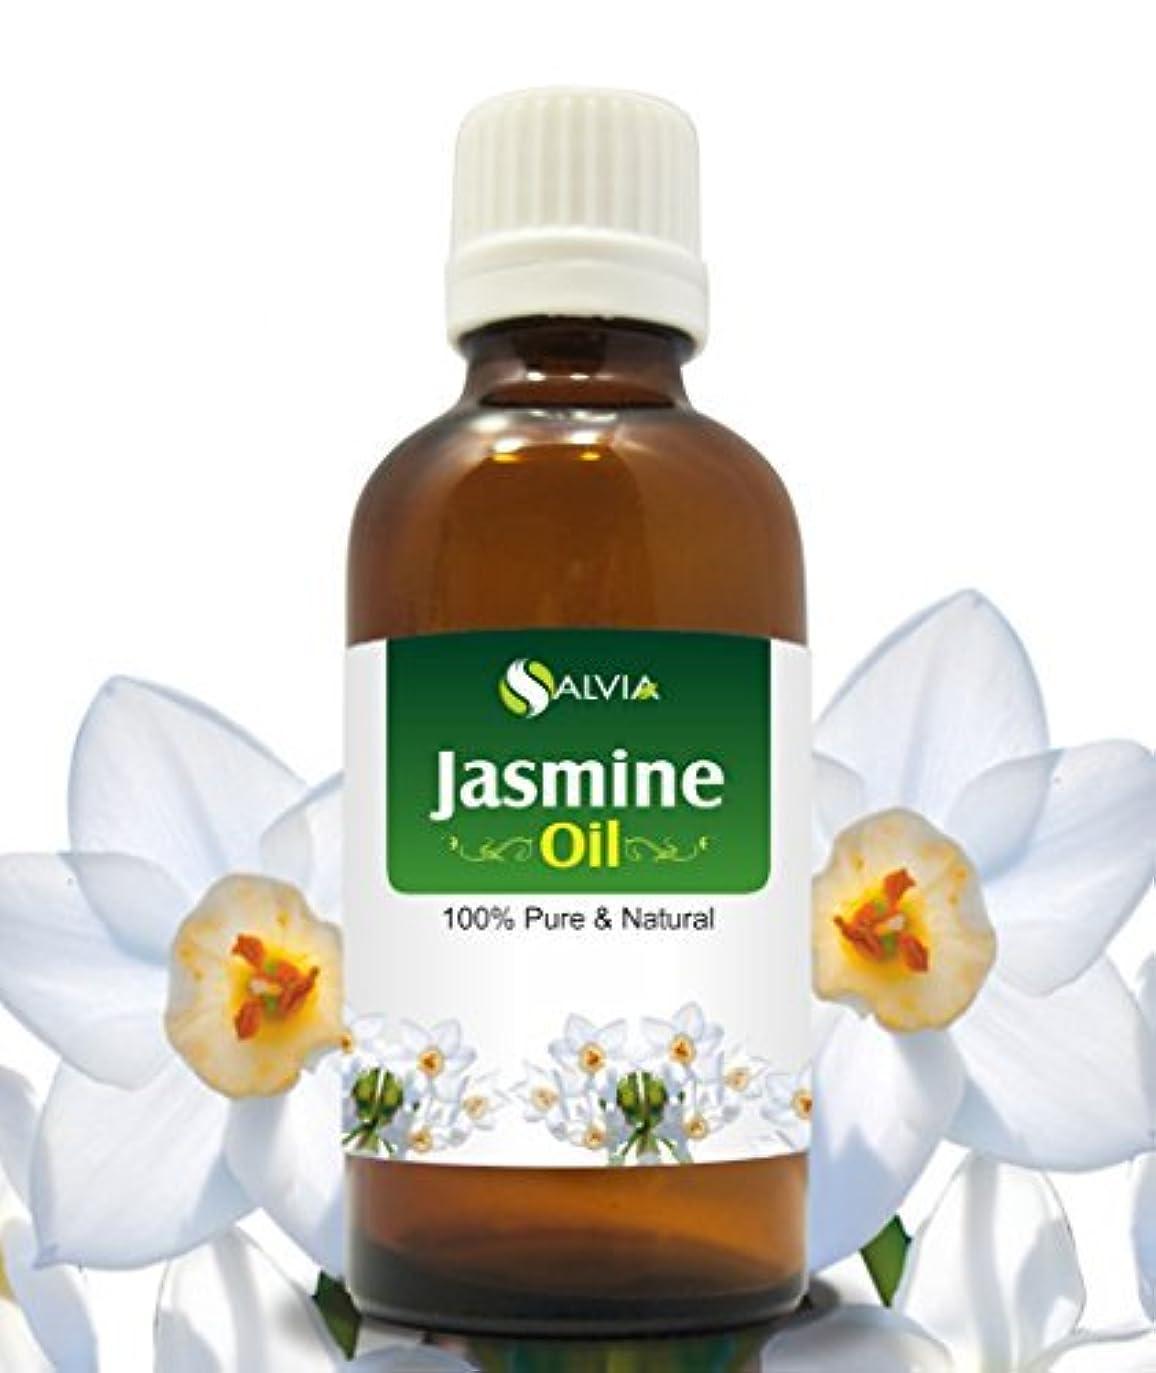 村仕える毒JASMINE OIL 100% NATURAL PURE UNDILUTED UNCUT ESSENTIAL OILS 30ml by SALVIA